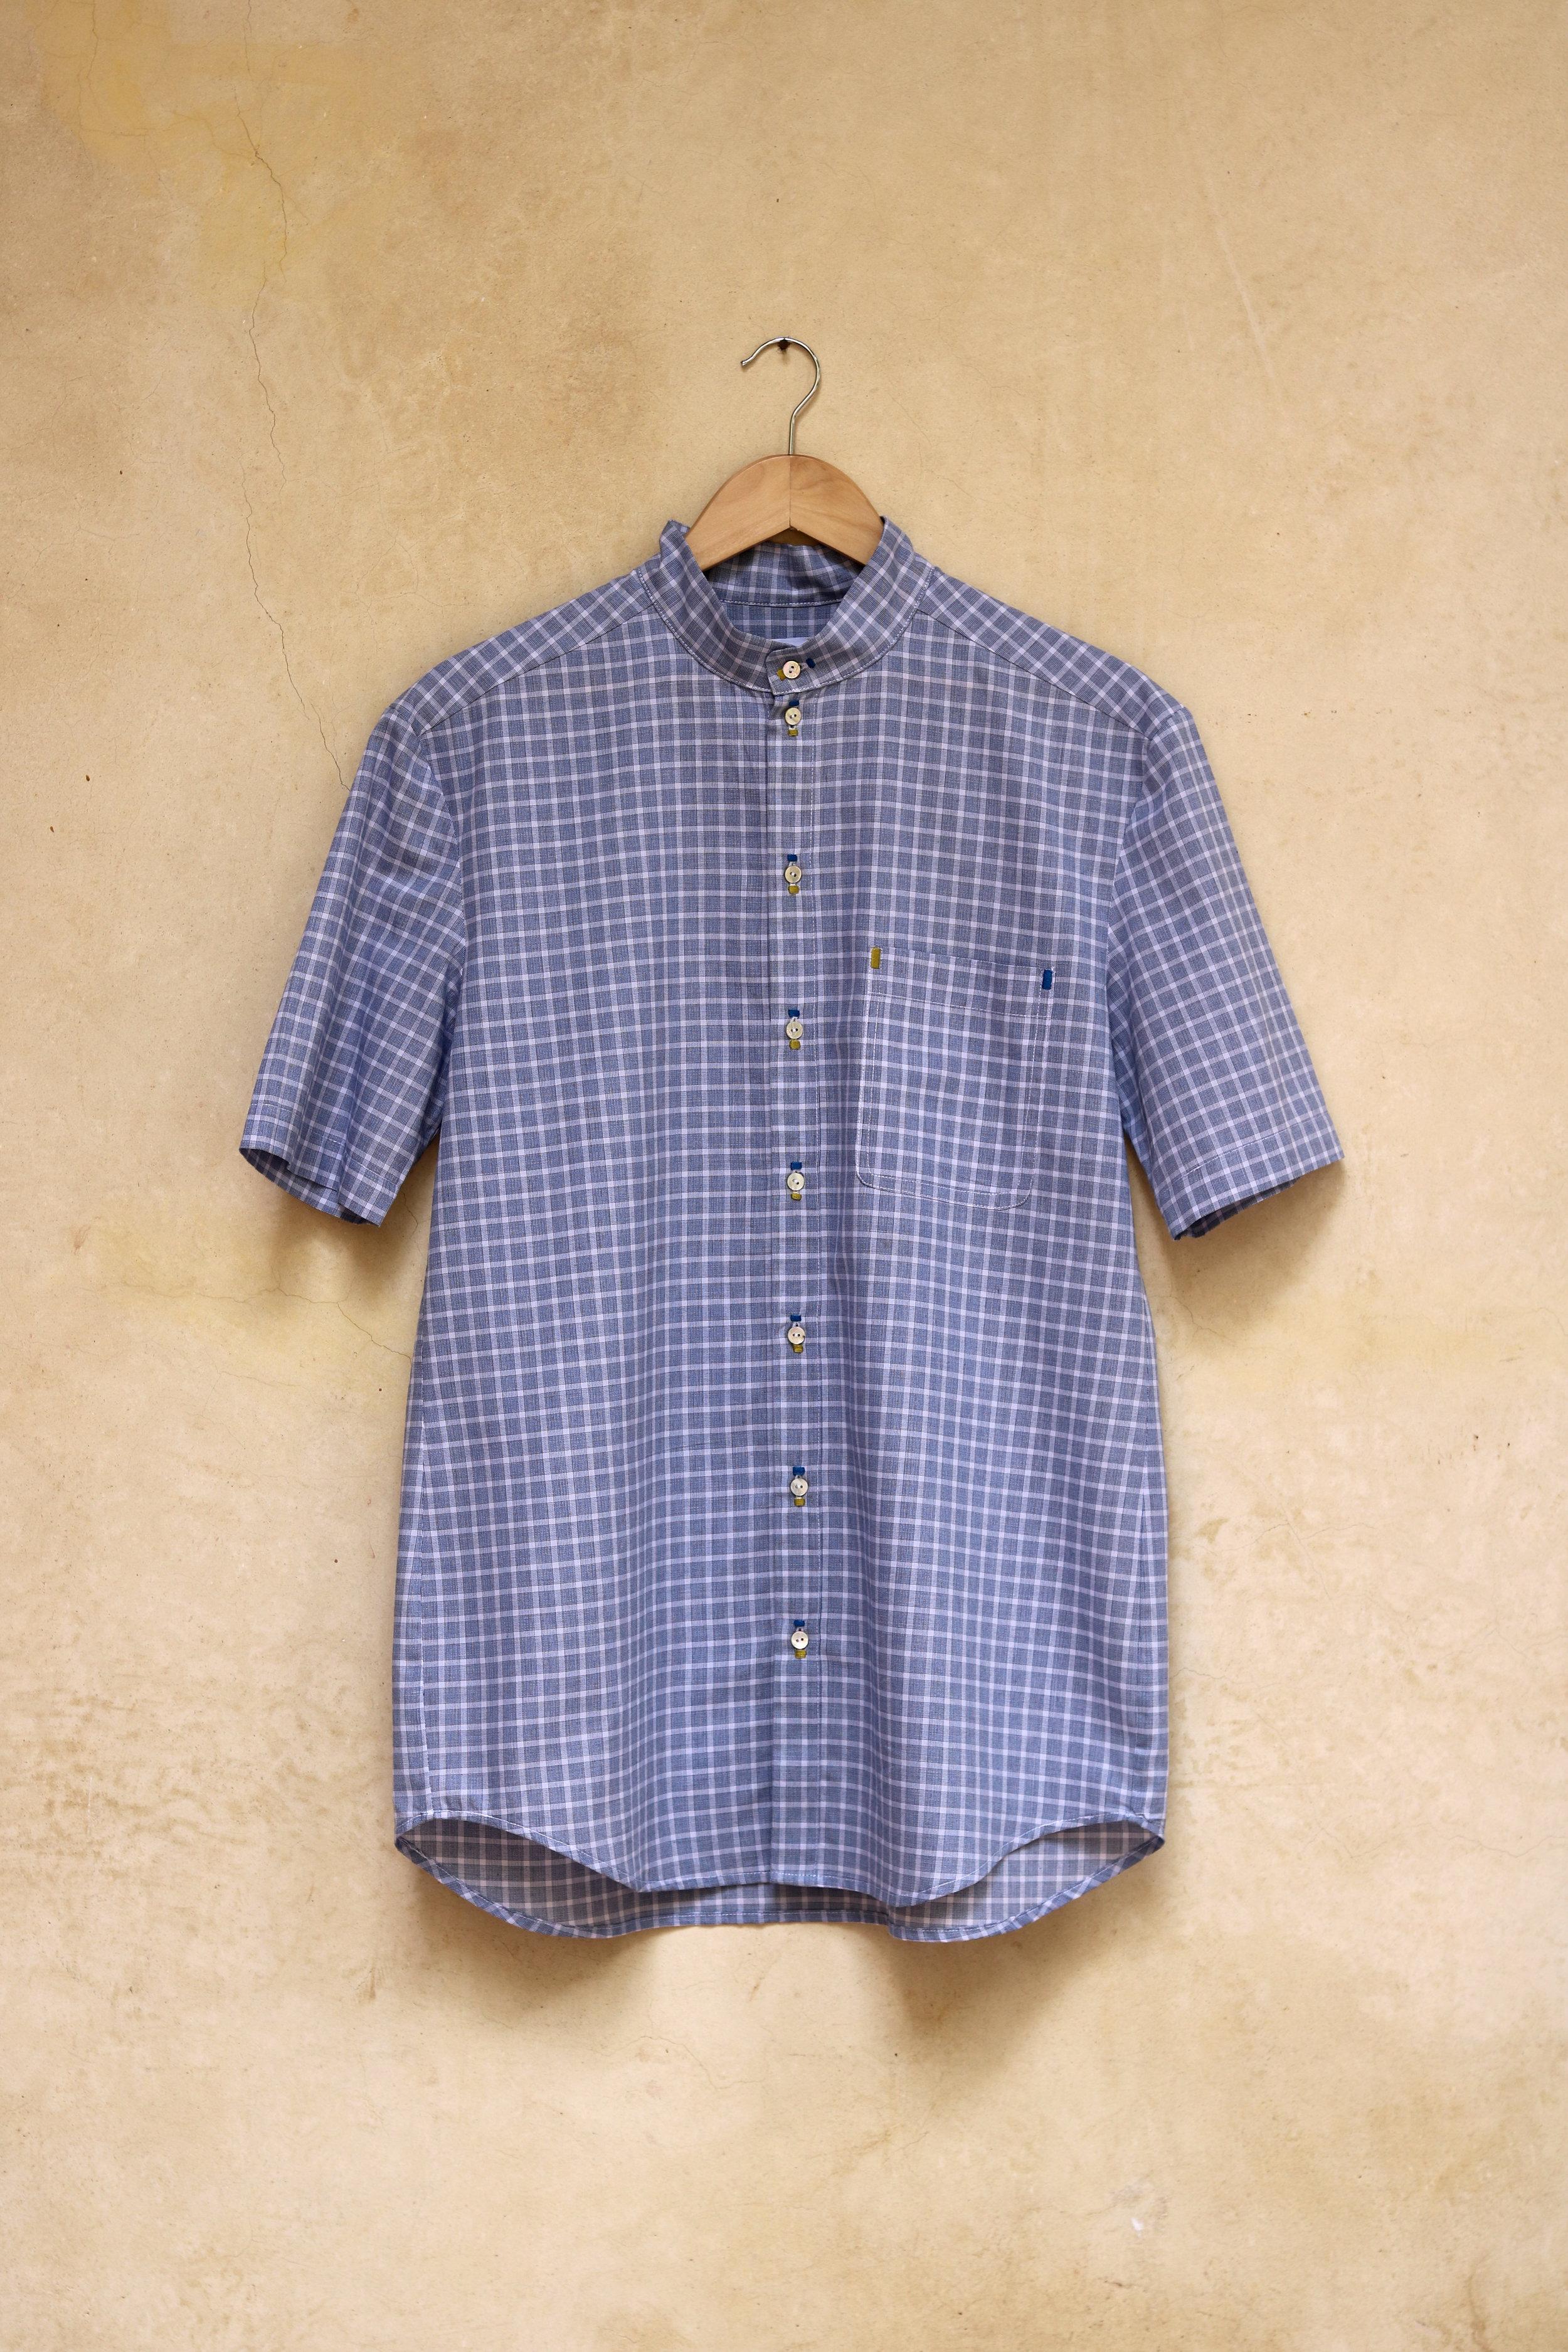 shirt_Yves_2_1.jpg